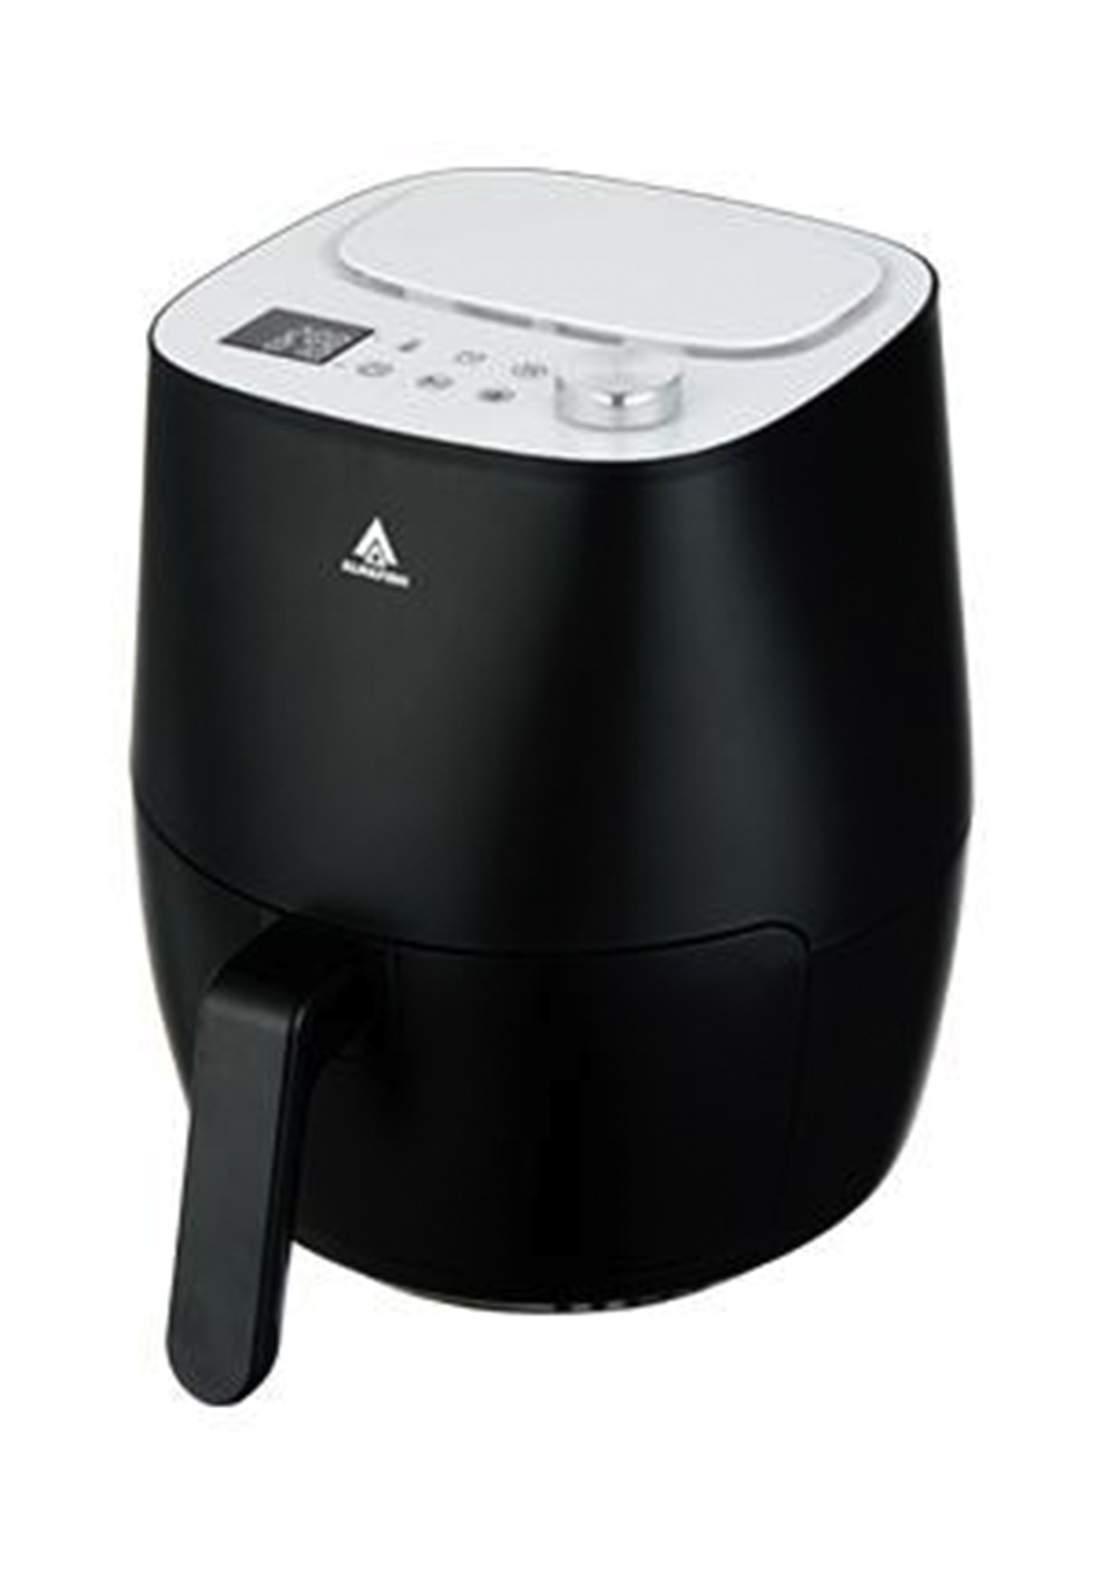 Alhafidh AFT30BW- Air Fryer Manual Control 3.5L قلاية